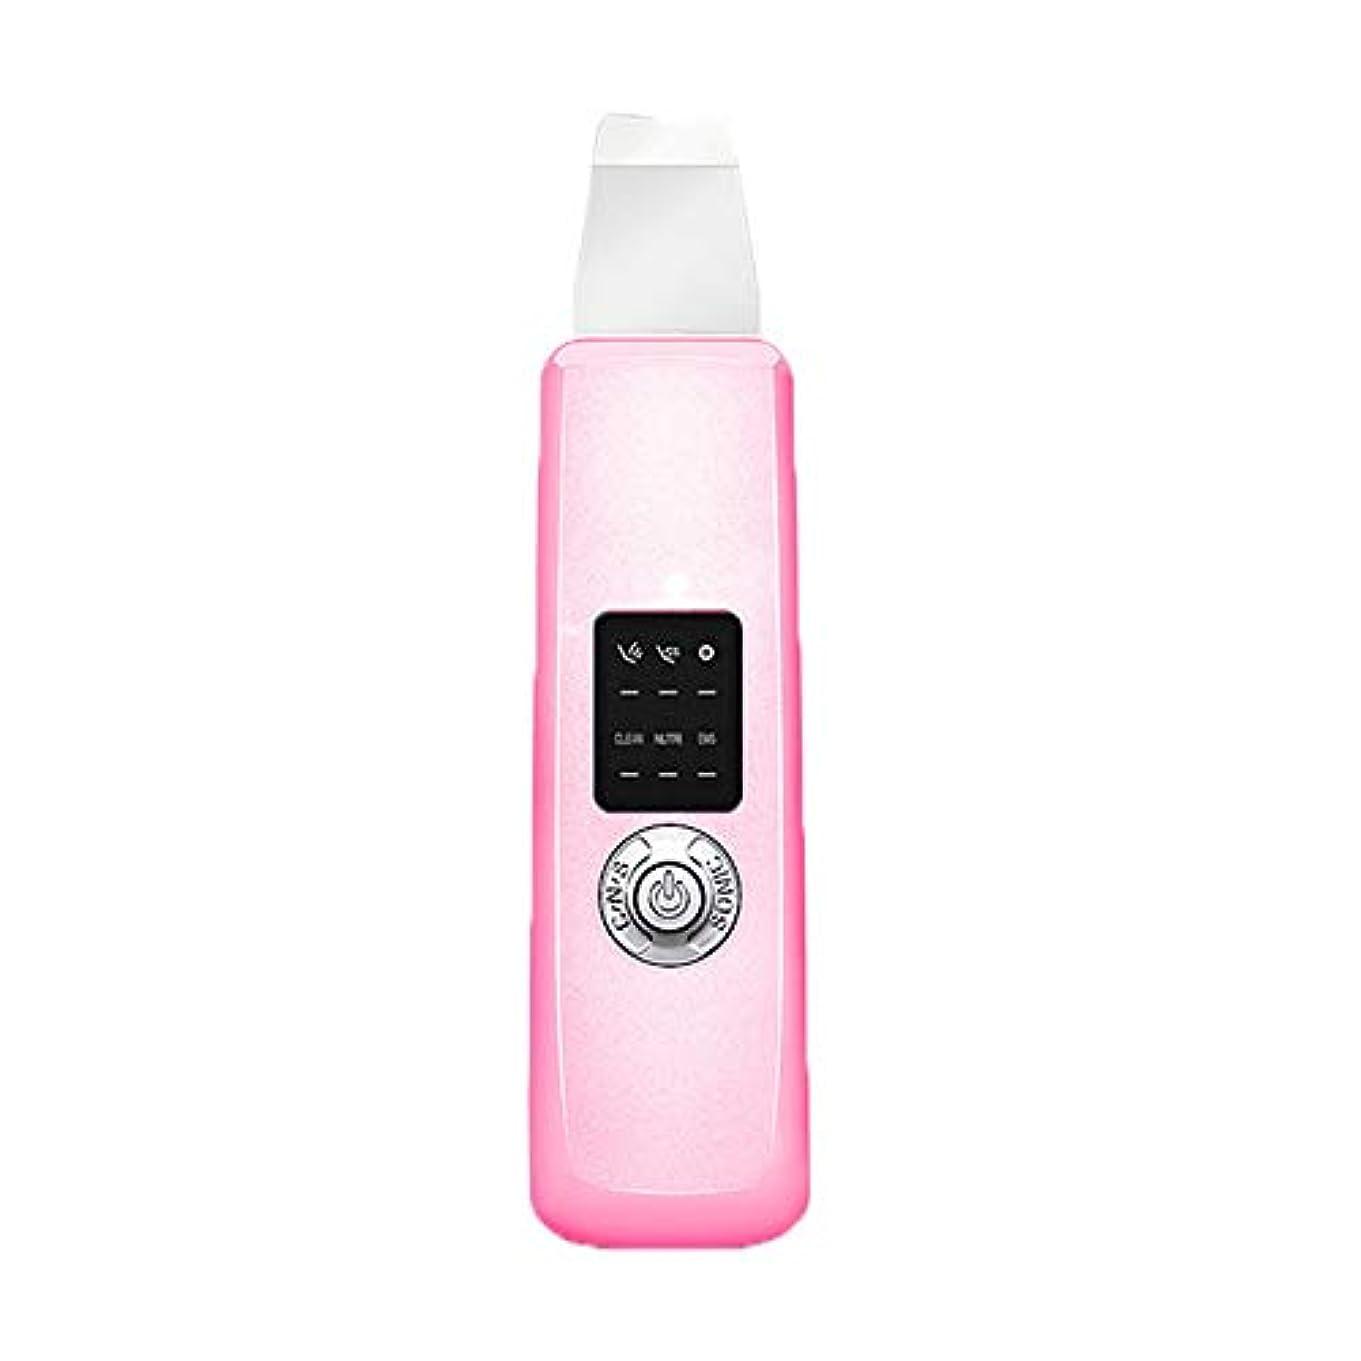 ホテルサラダためらうにきび除去剤、にきび毛穴クリーナーにきびに電気吸引ブラックヘッドアーティファクト電子美容洗剤,ピンク